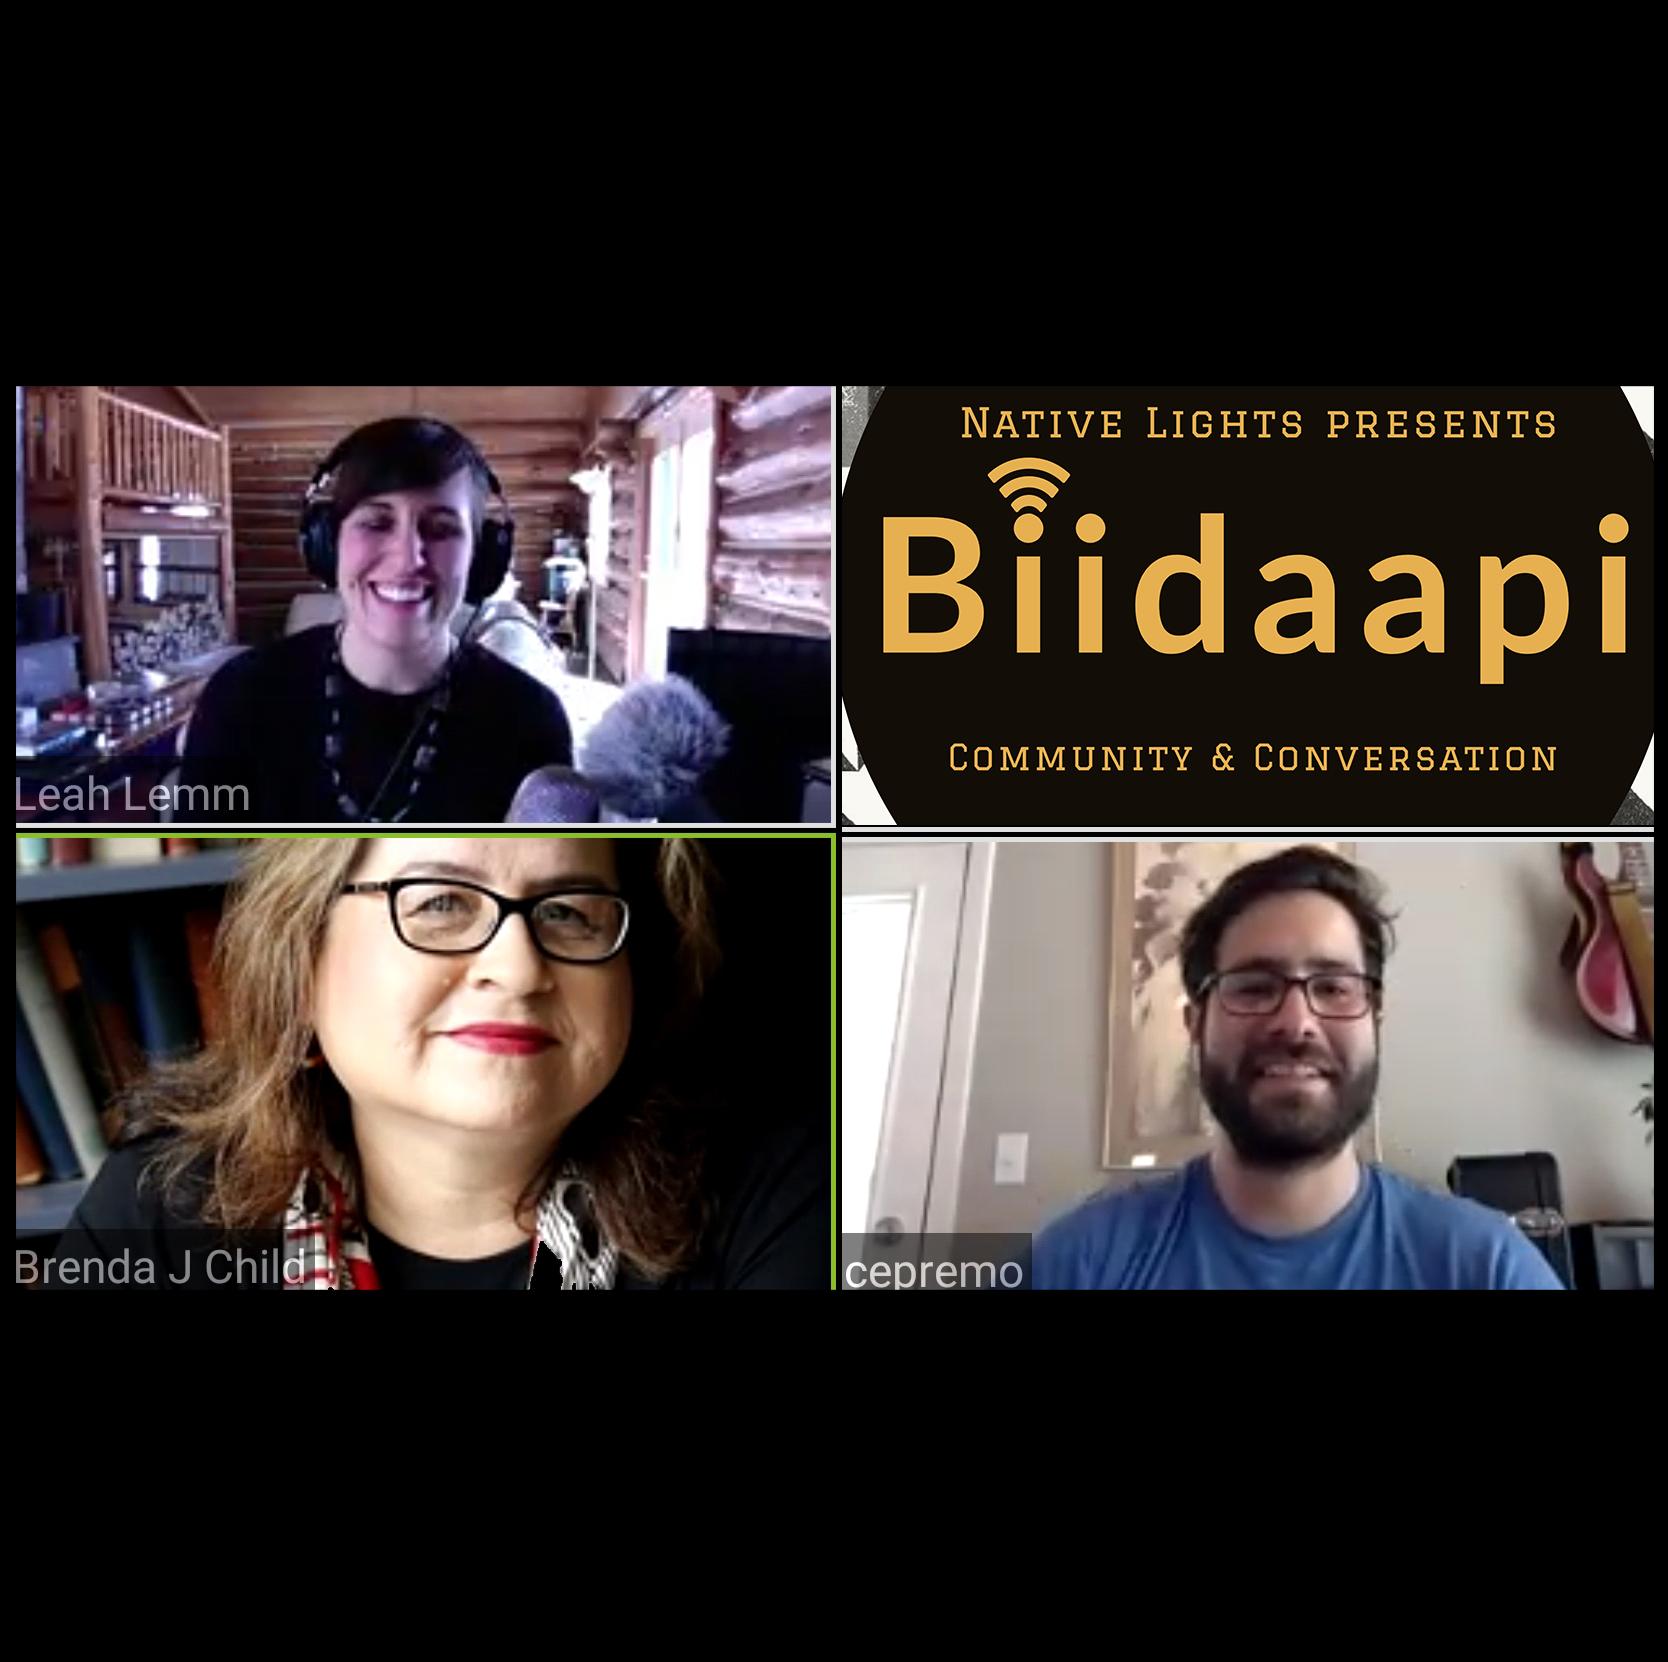 NL: Biidaapi -Brenda Child